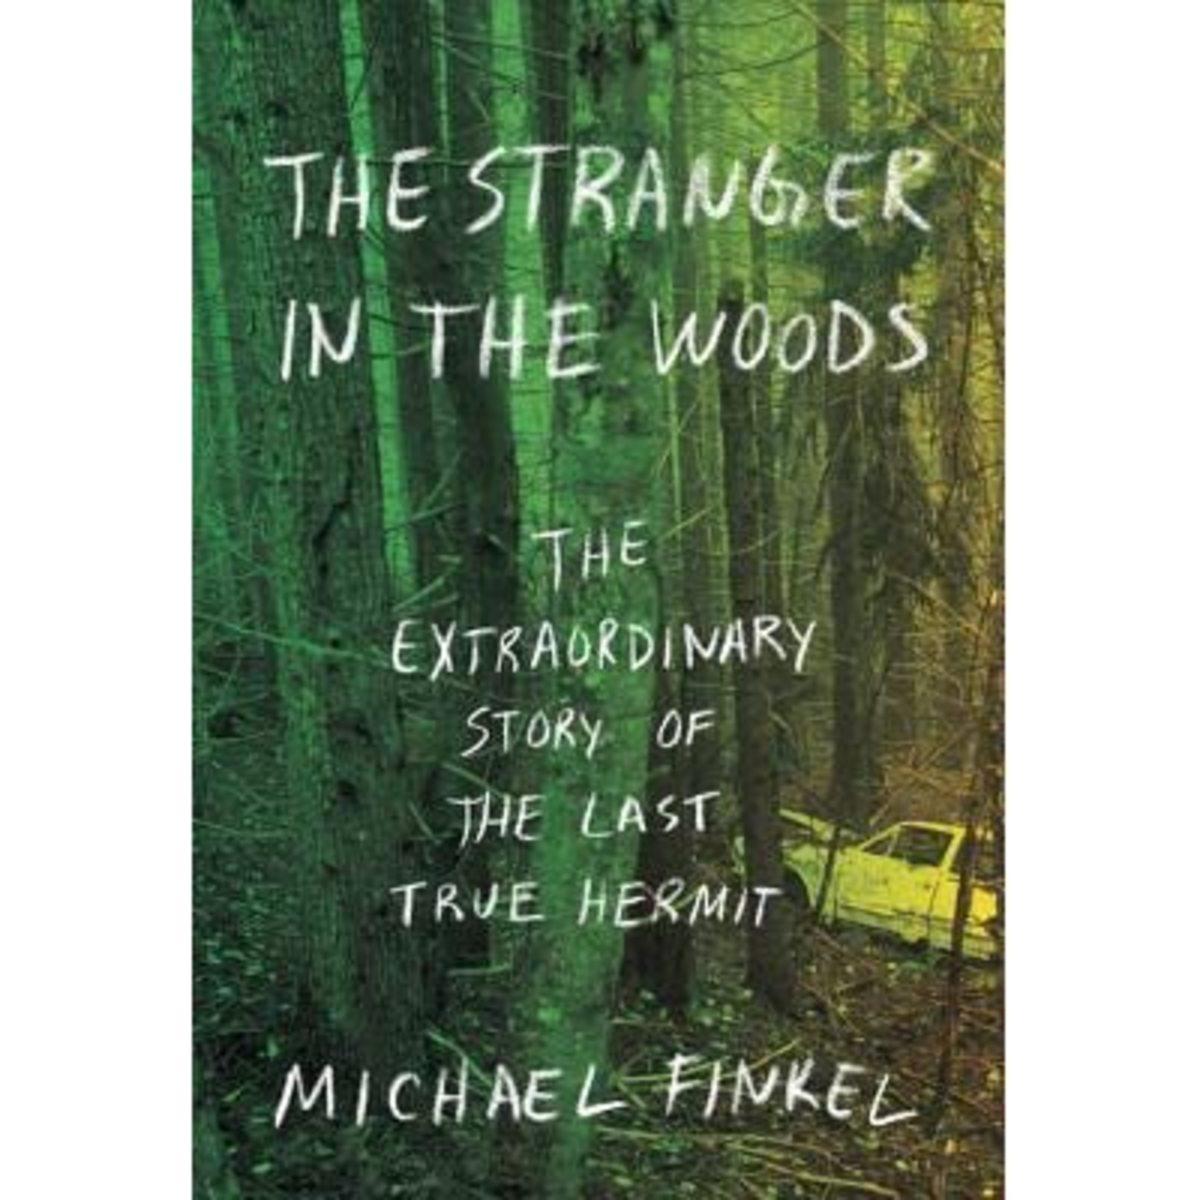 Book by Michael Finkel